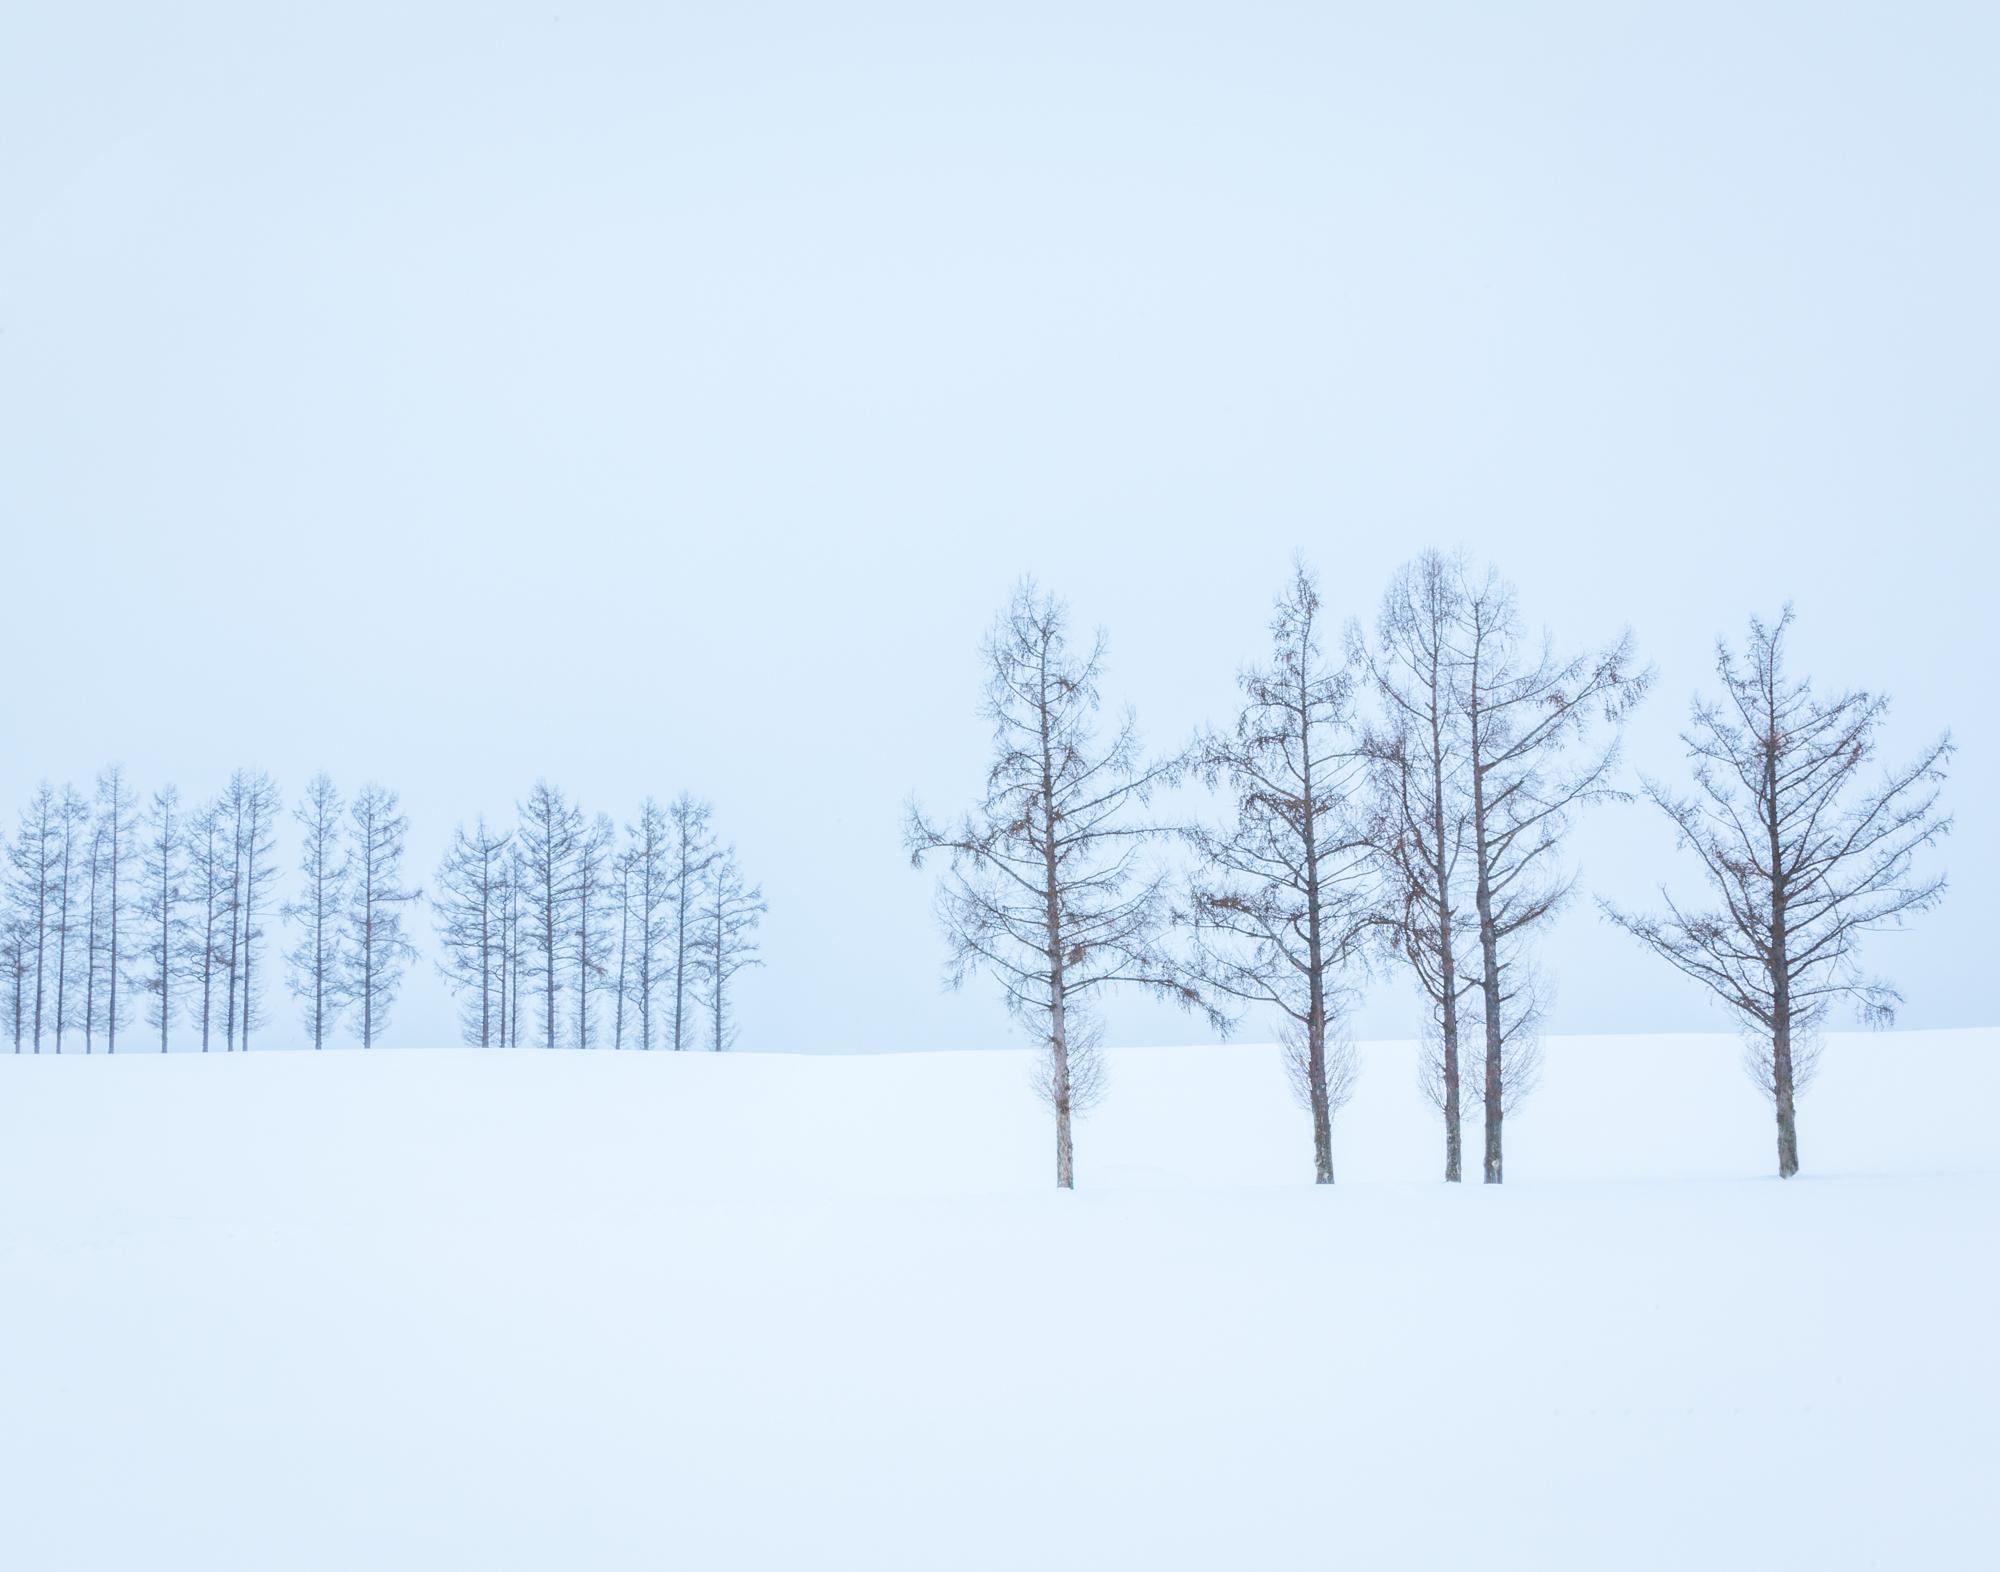 6. Biei, Hokkaido, Japan